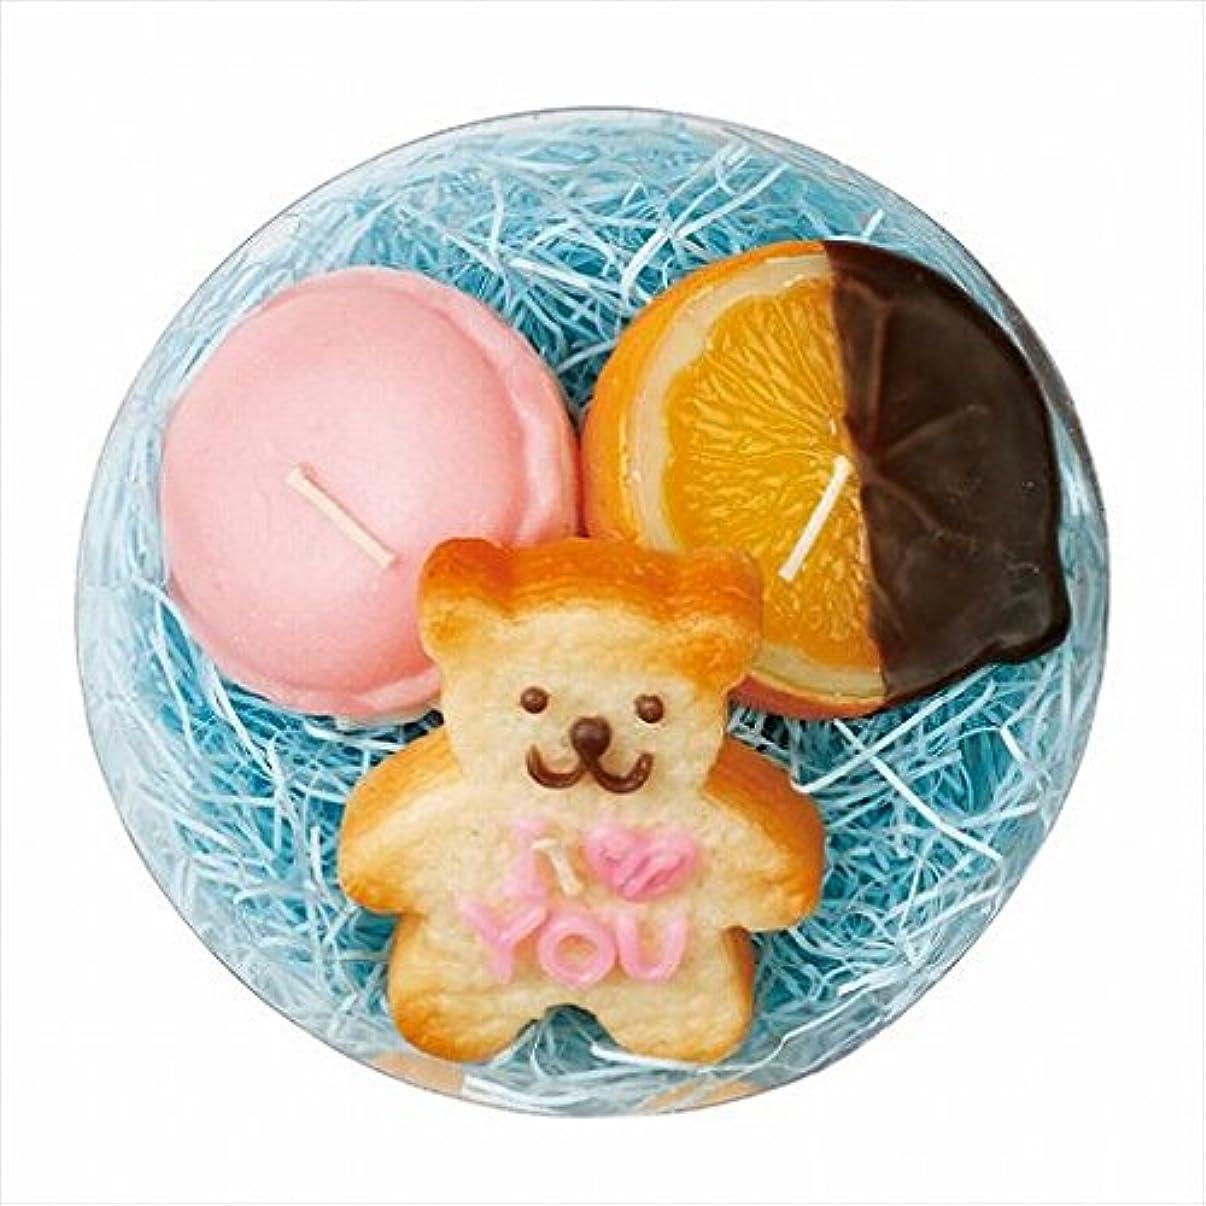 スイーツキャンドル(sweets candle) プチスイーツキャンドルセット 「 バニラベア 」